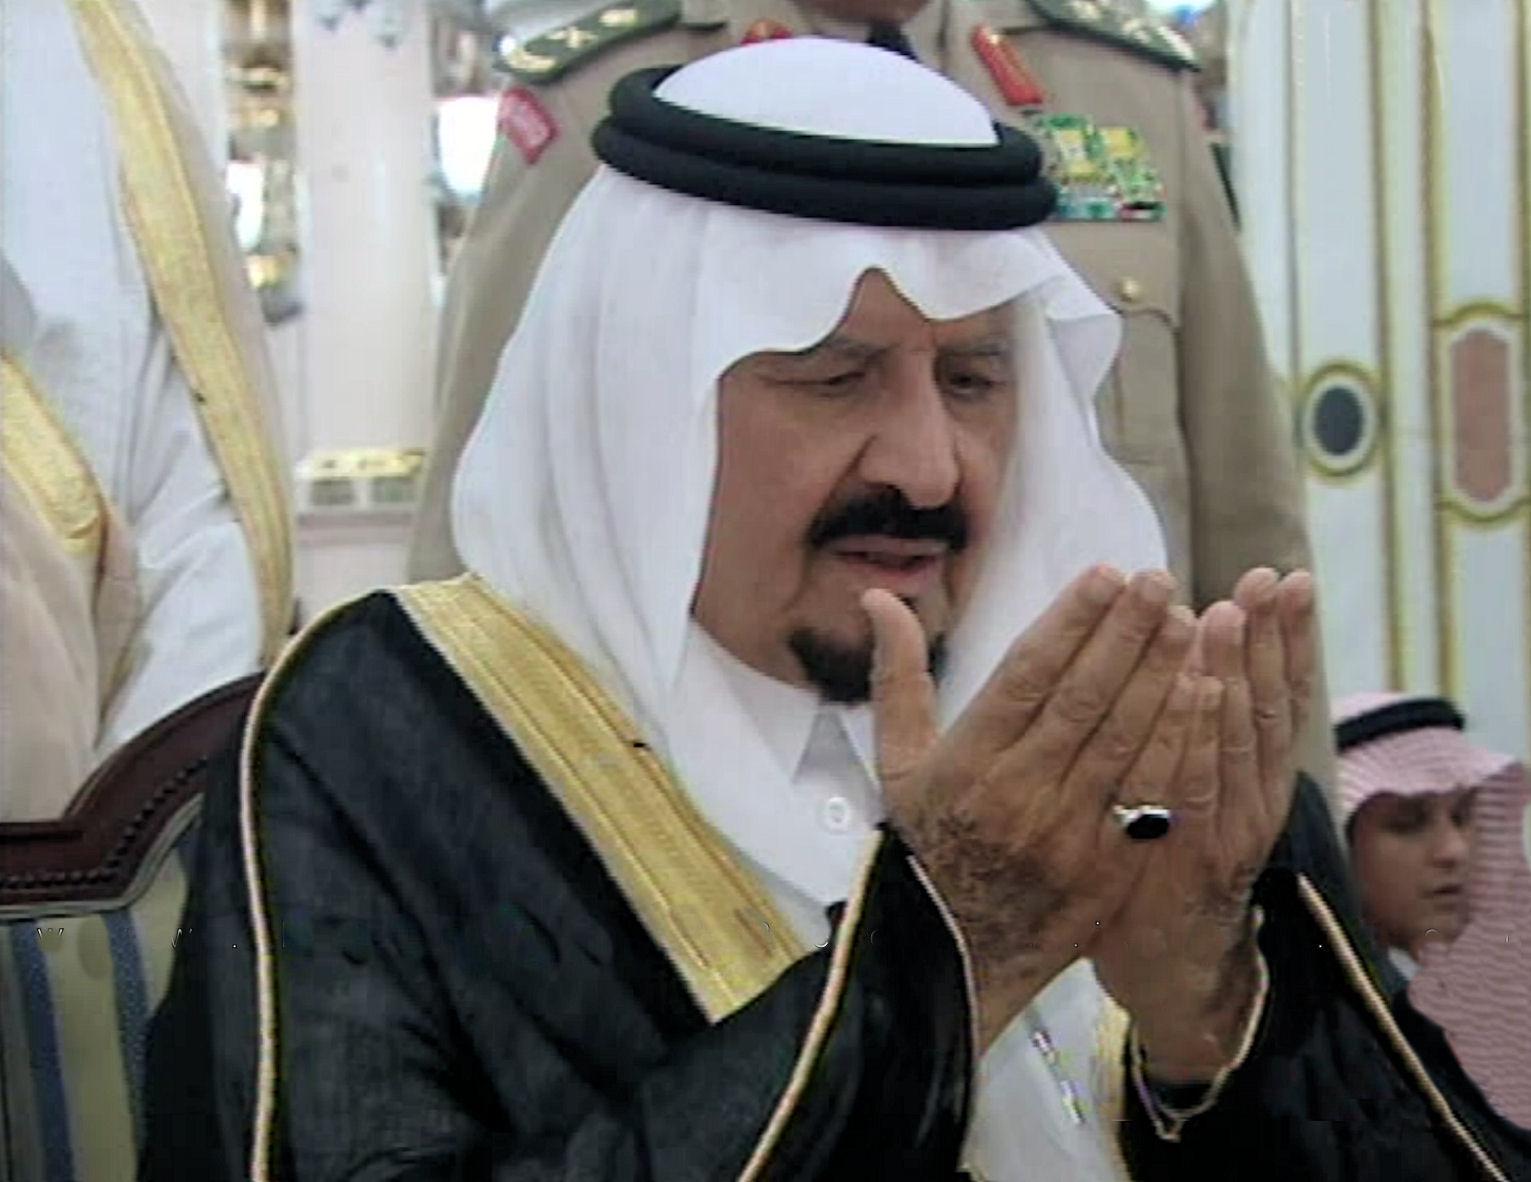 http://2.bp.blogspot.com/-Vt2kt9Ric6A/TqPGKrUlXwI/AAAAAAAACsc/My0hTaTr580/s1600/Prince%2BSultan.jpg